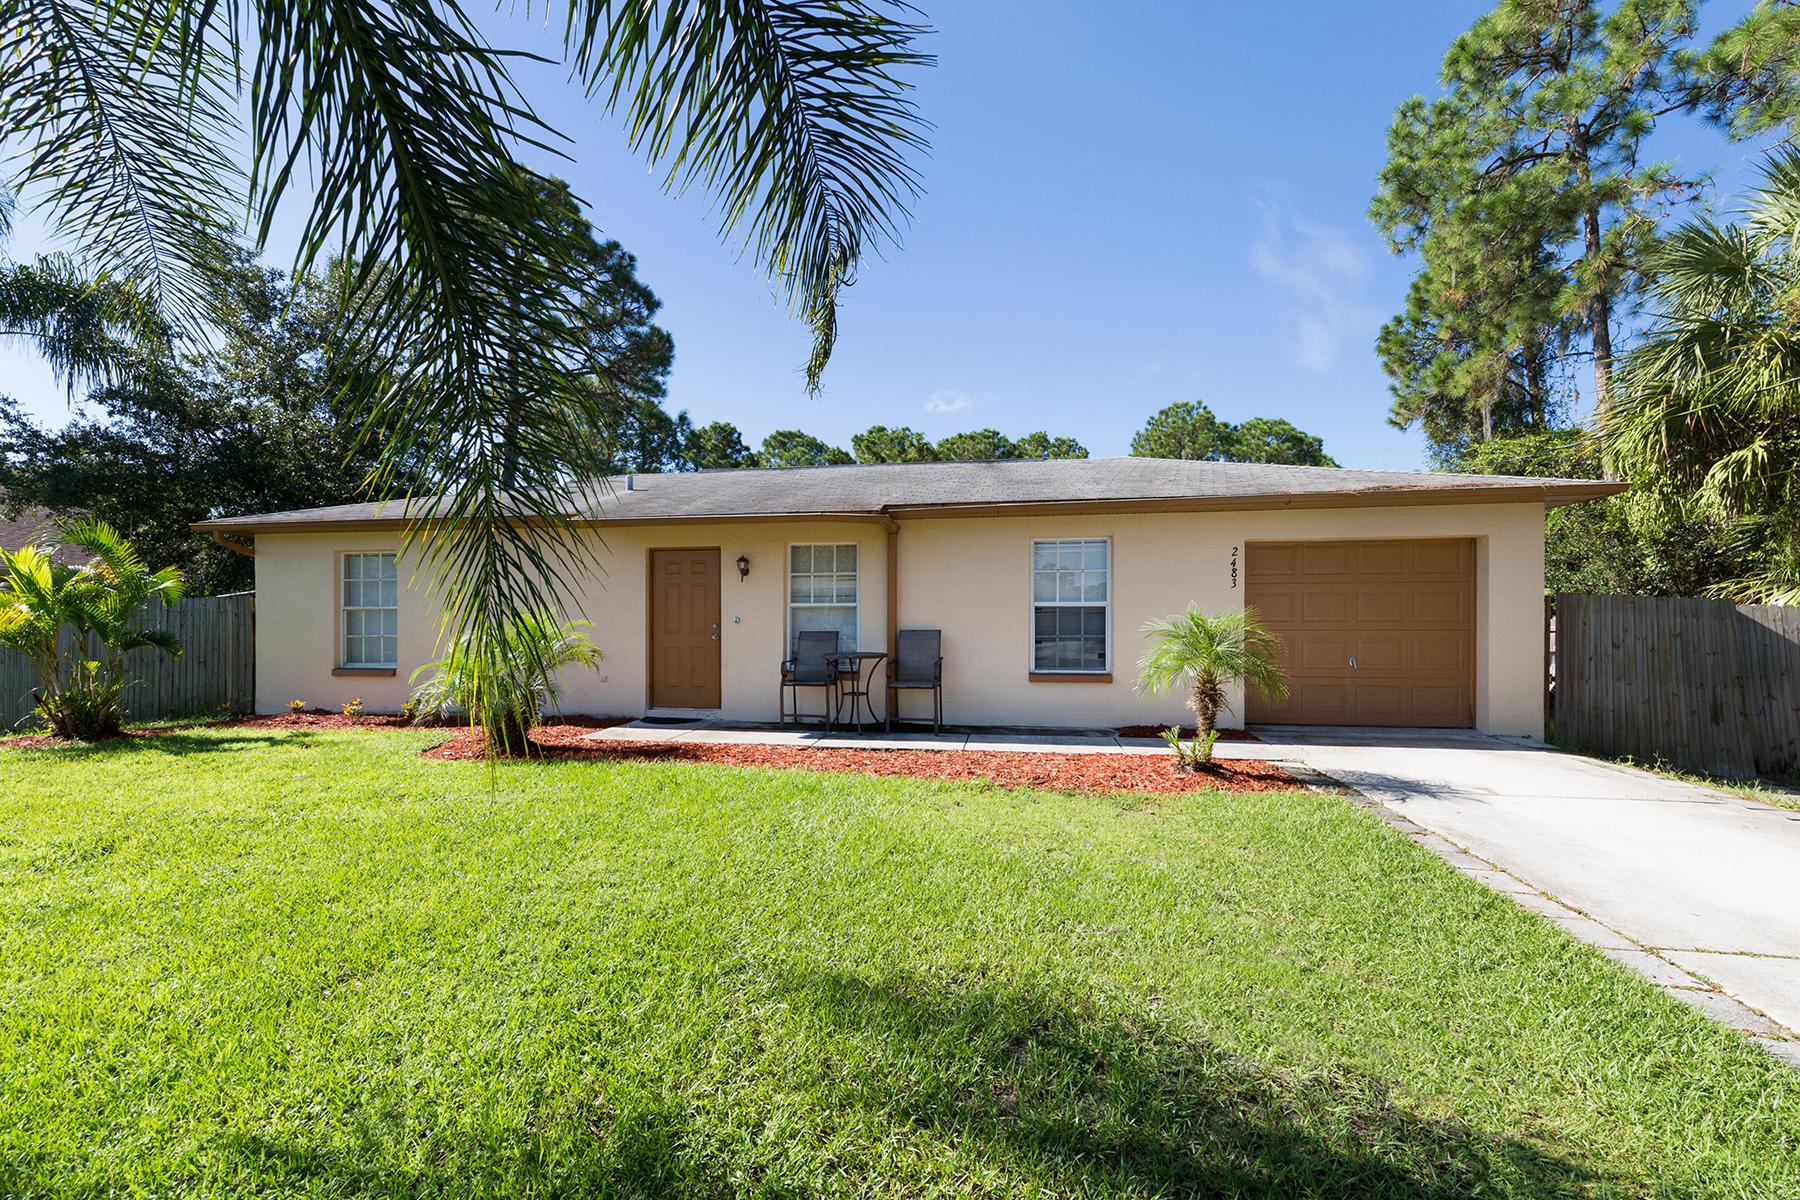 一戸建て のために 売買 アット NORTH PORT 2483 Altoona Ave North Port, フロリダ 34286 アメリカ合衆国